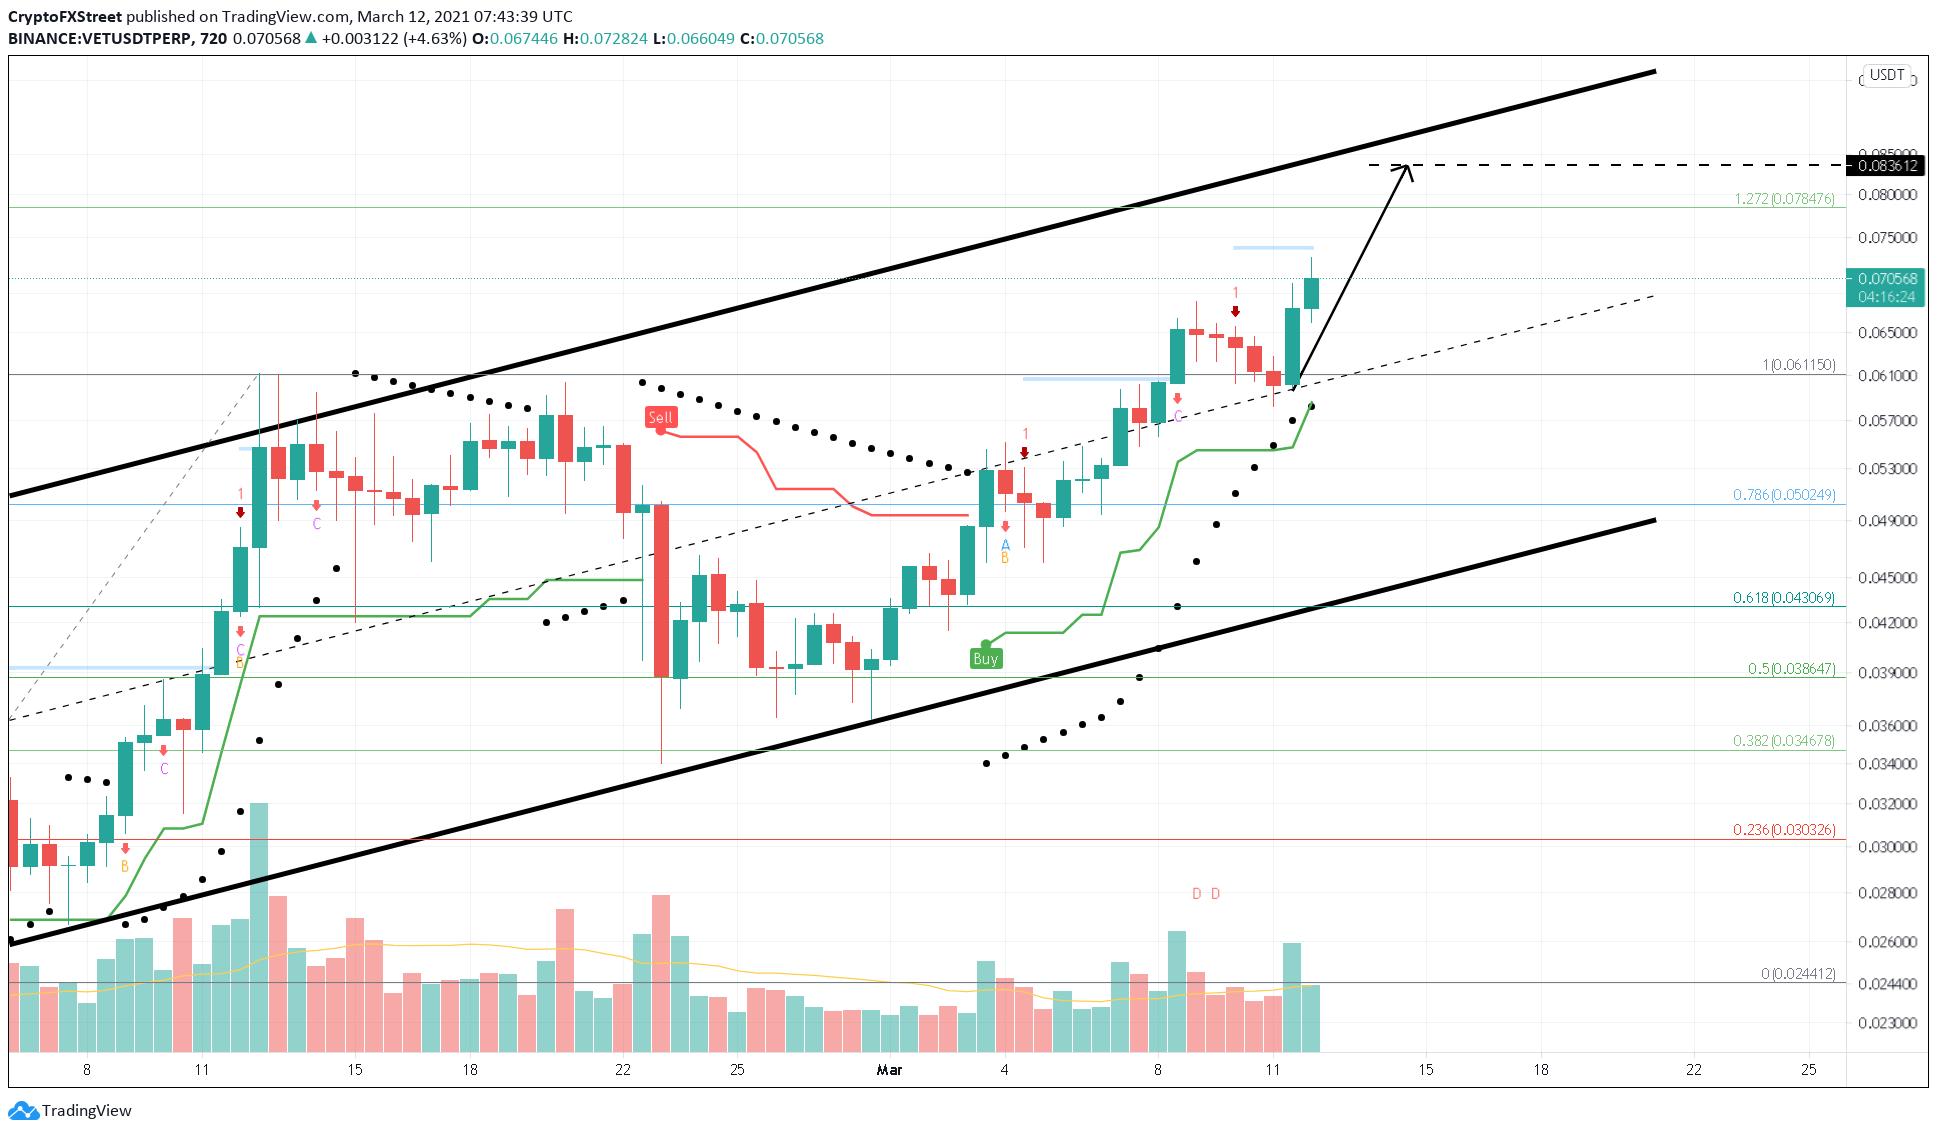 VET/USDT 12-hour chart